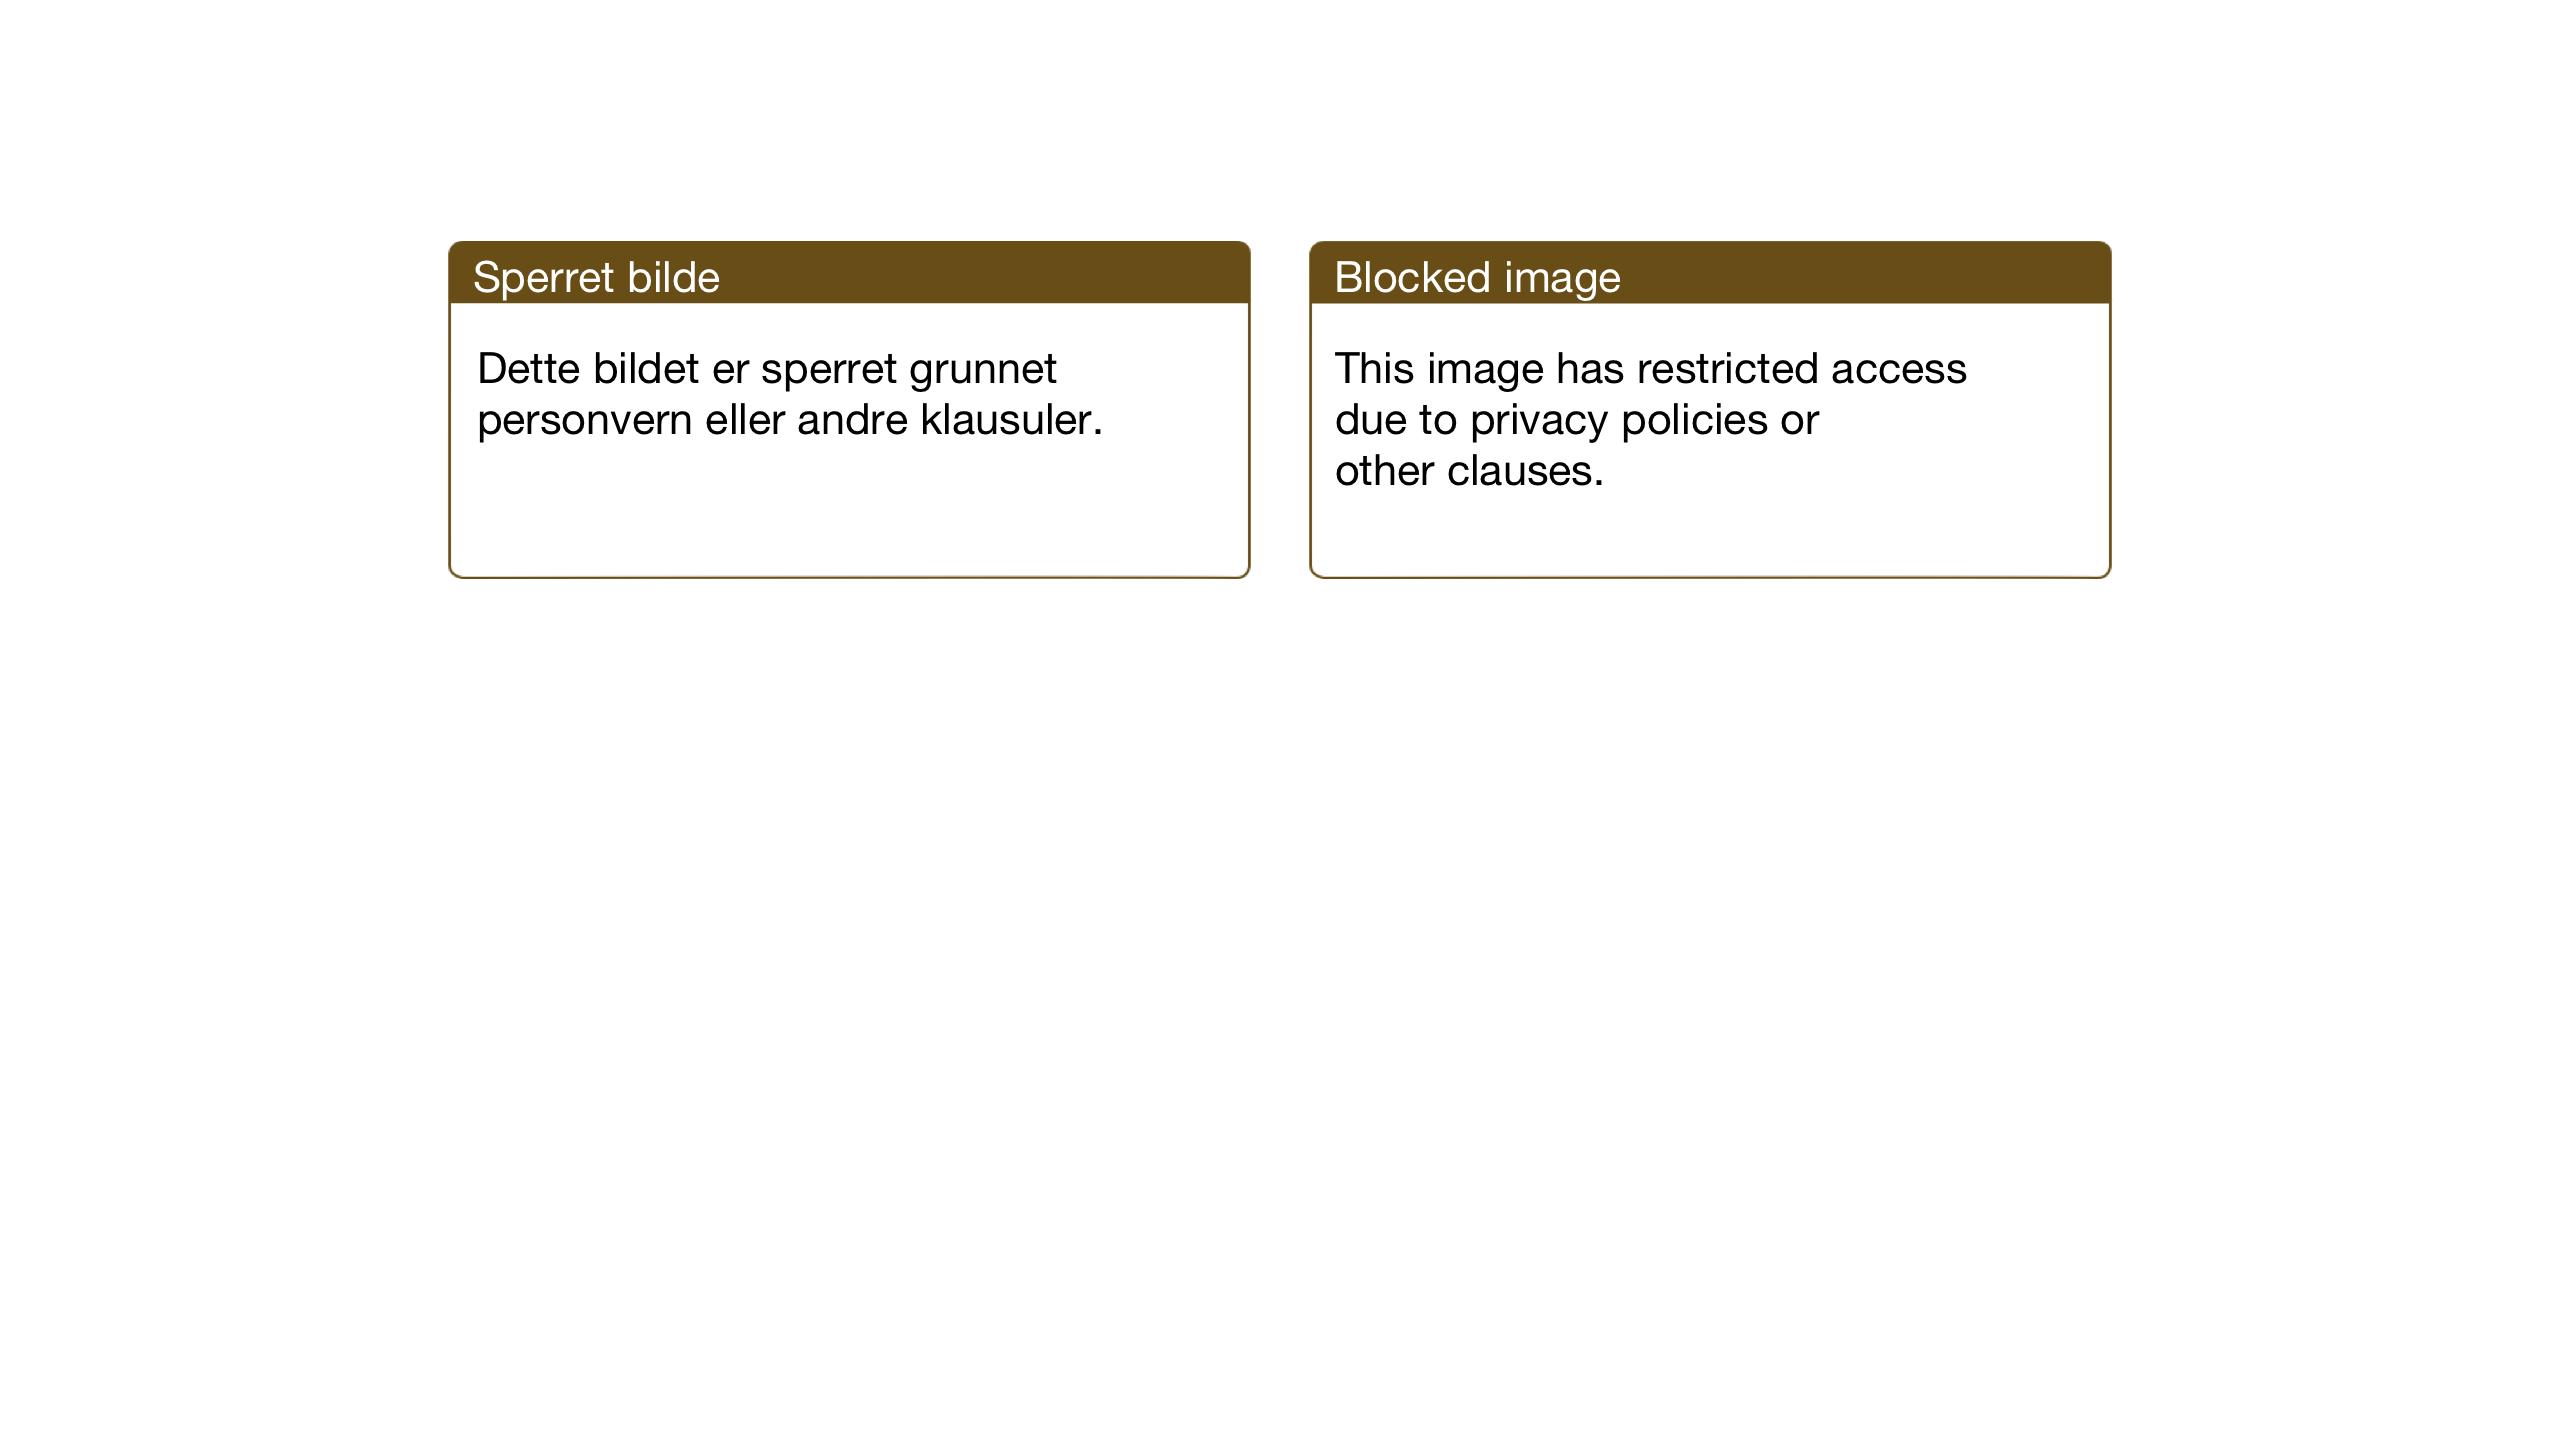 SAT, Ministerialprotokoller, klokkerbøker og fødselsregistre - Nord-Trøndelag, 733/L0328: Klokkerbok nr. 733C03, 1919-1966, s. 79